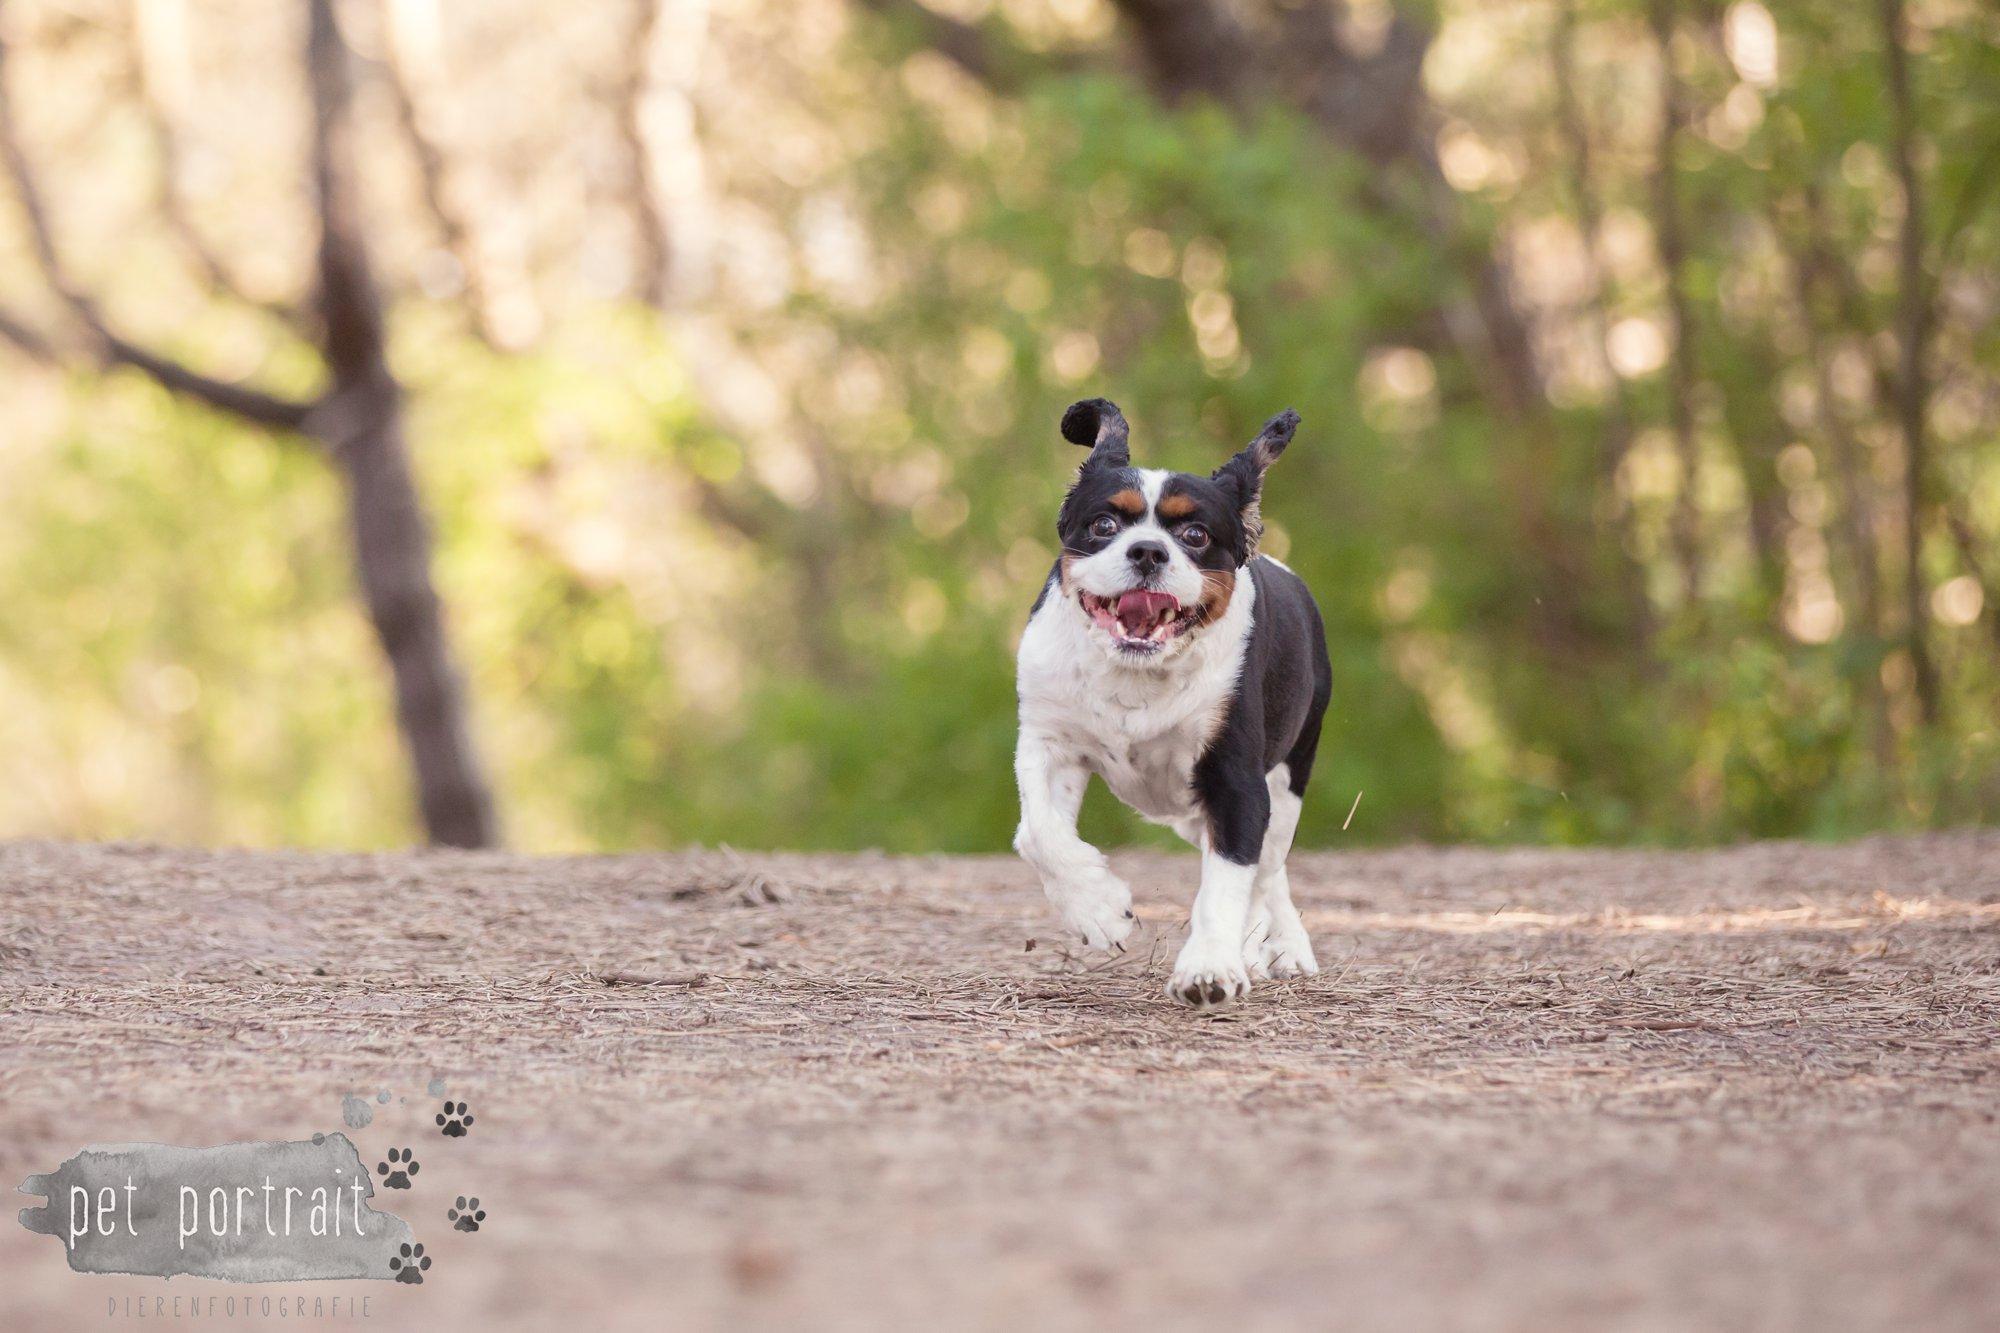 Hondenfotograaf Wassenaar - Cavalier King Charles Spaniel Pepper-4